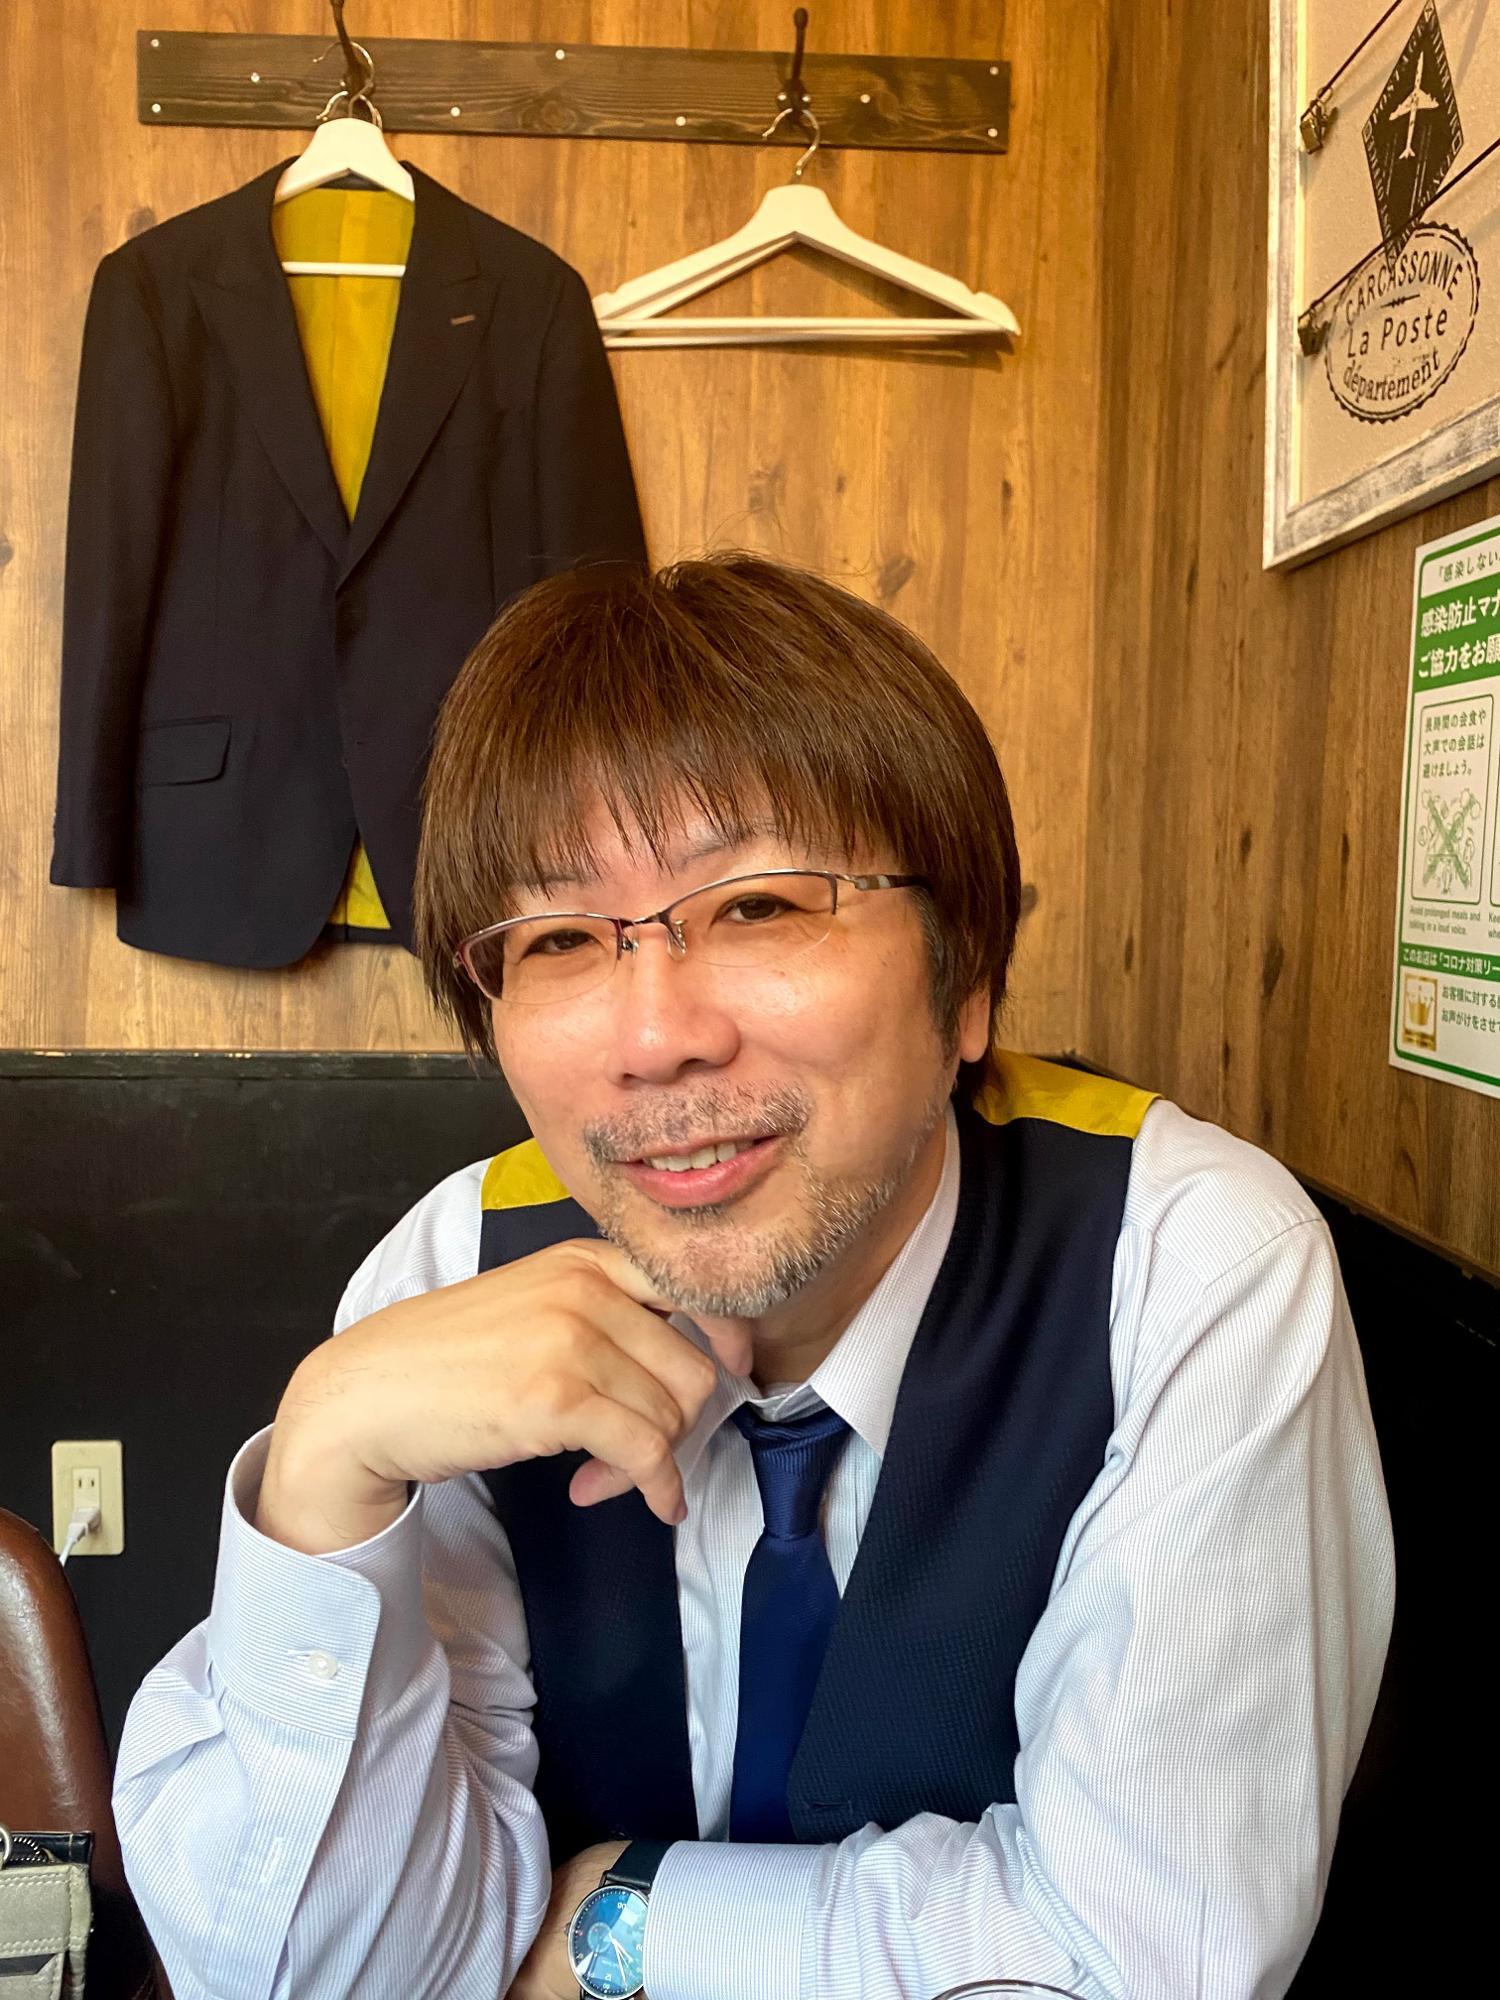 今日会社がなくなっても食えるビジネスパーソンになる 著者/石川和男氏